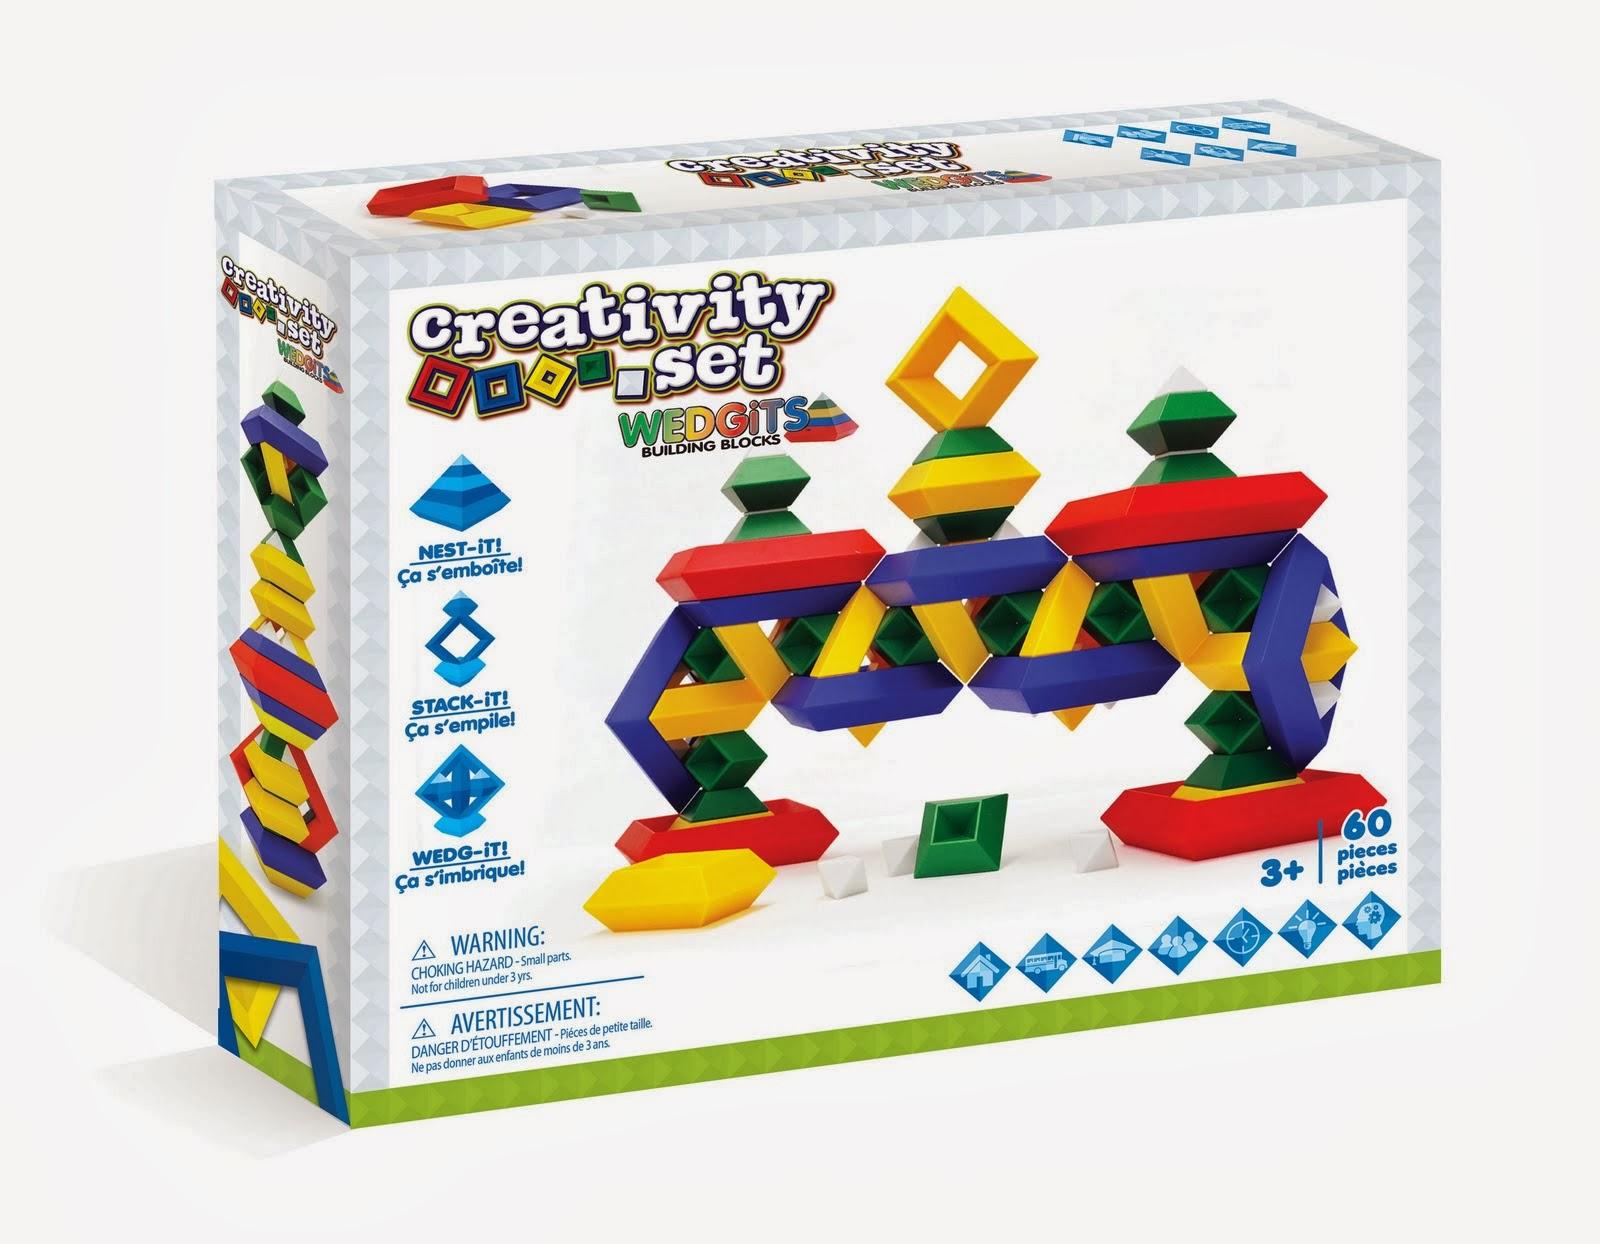 Selecci n de juguetes por edades de lighthouse toys - Juguetes ninos 3 anos ...